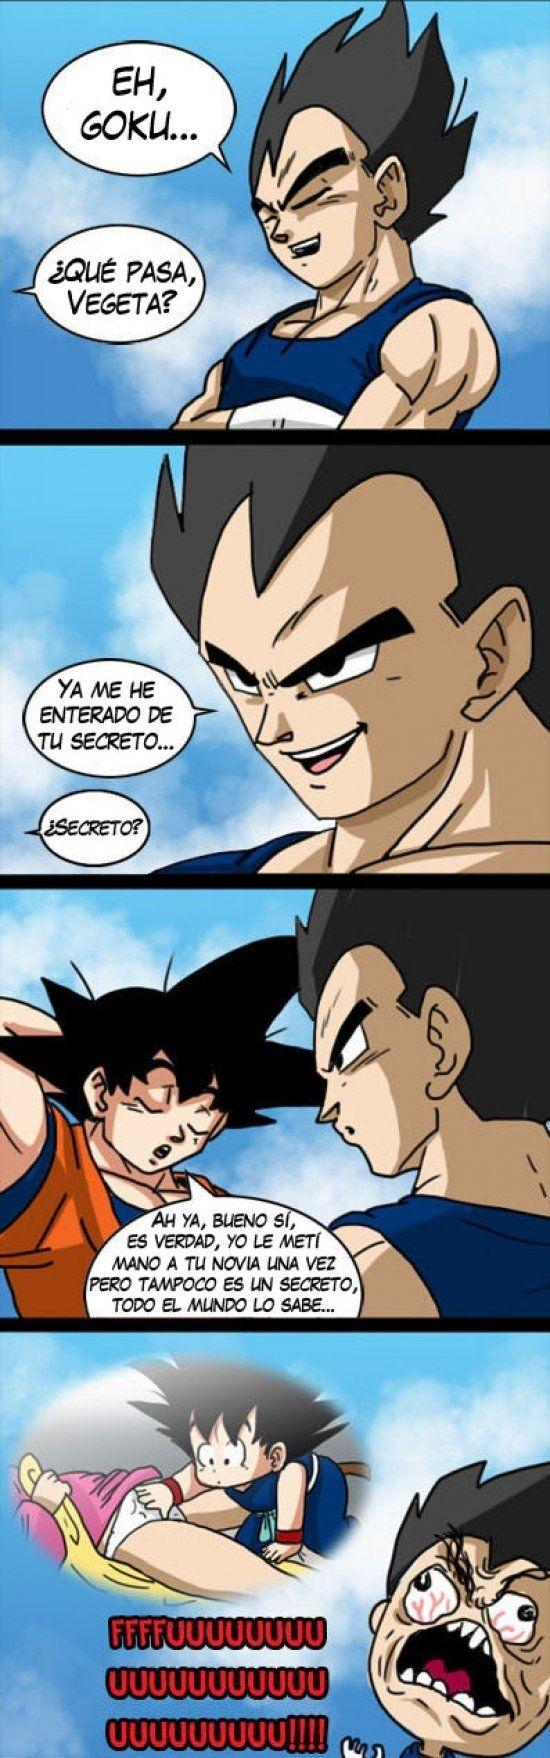 Éste es el motivo por el que Vegeta odia a Goku        Gracias a http://www.cuantocabron.com/   Si quieres leer la noticia completa visita: http://www.estoy-aburrido.com/este-es-el-motivo-por-el-que-vegeta-odia-a-goku/